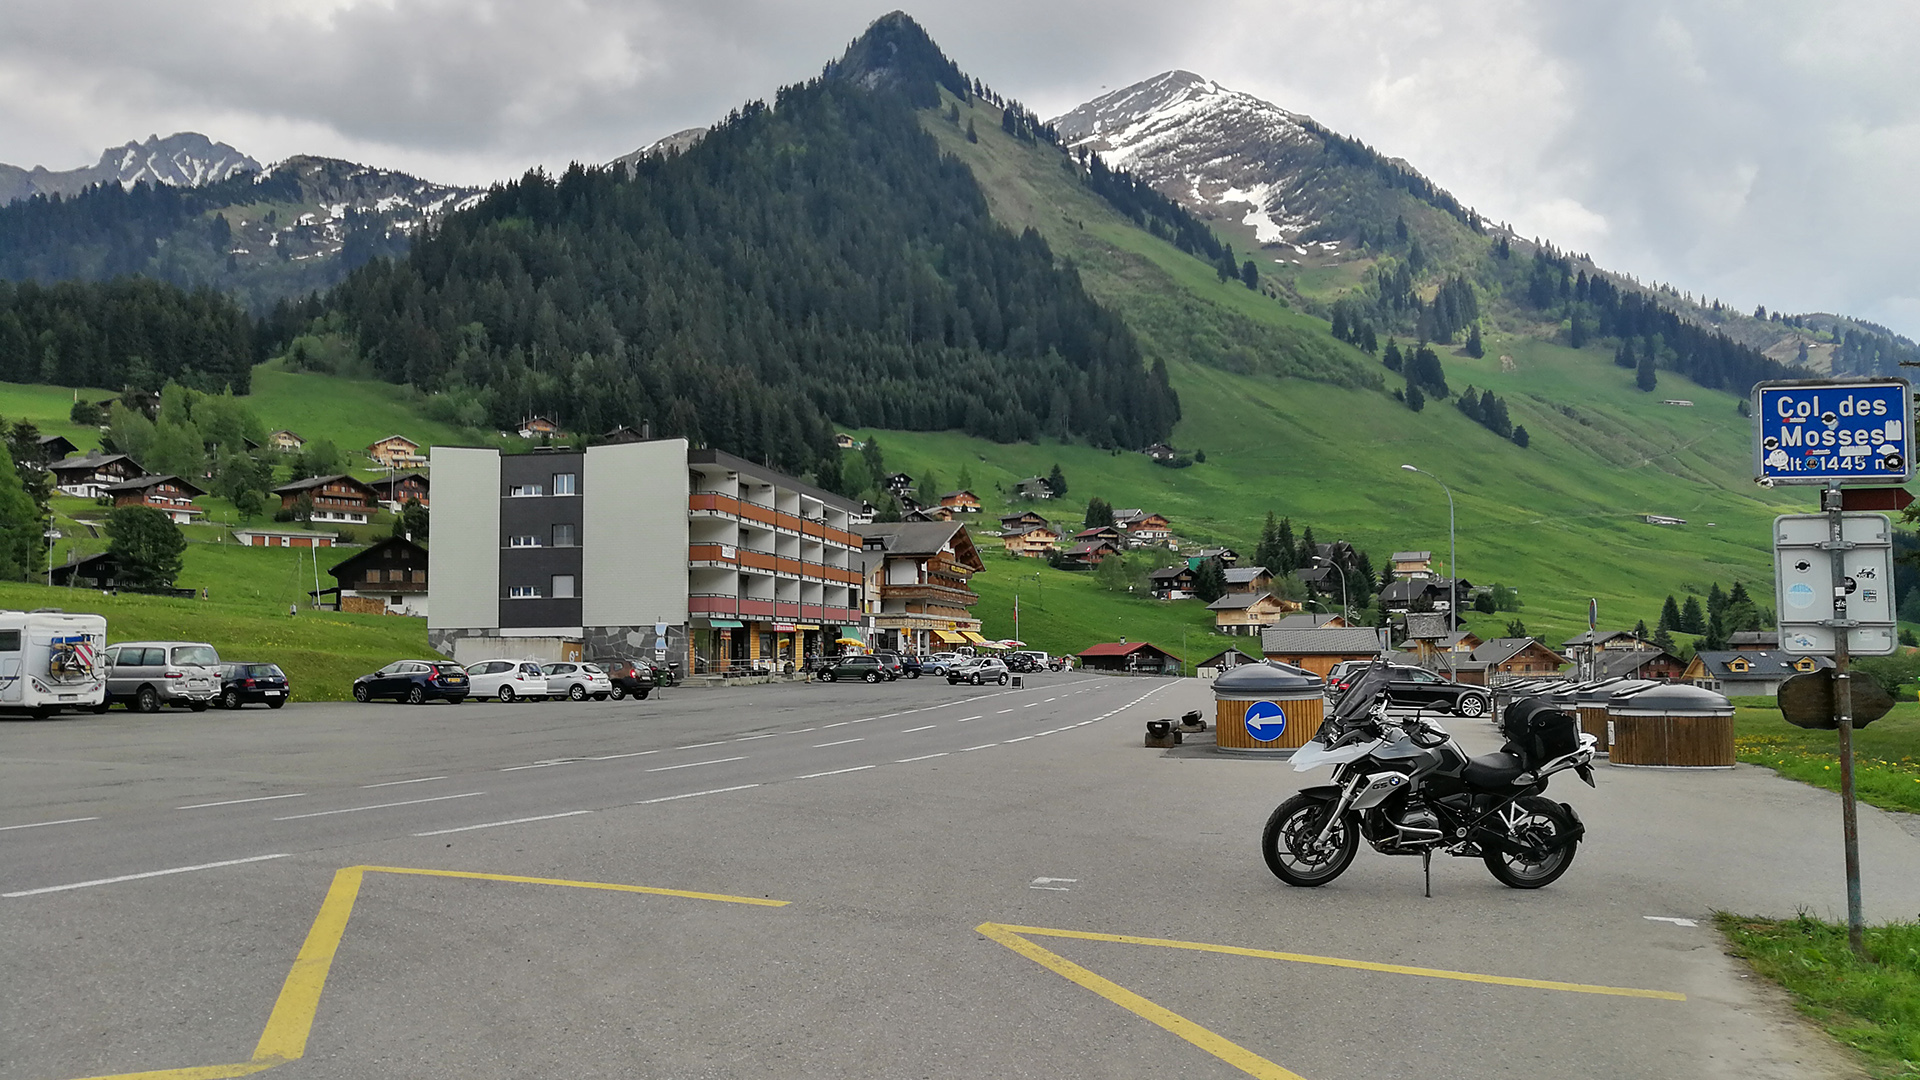 1445 - CH - Col des Mosses